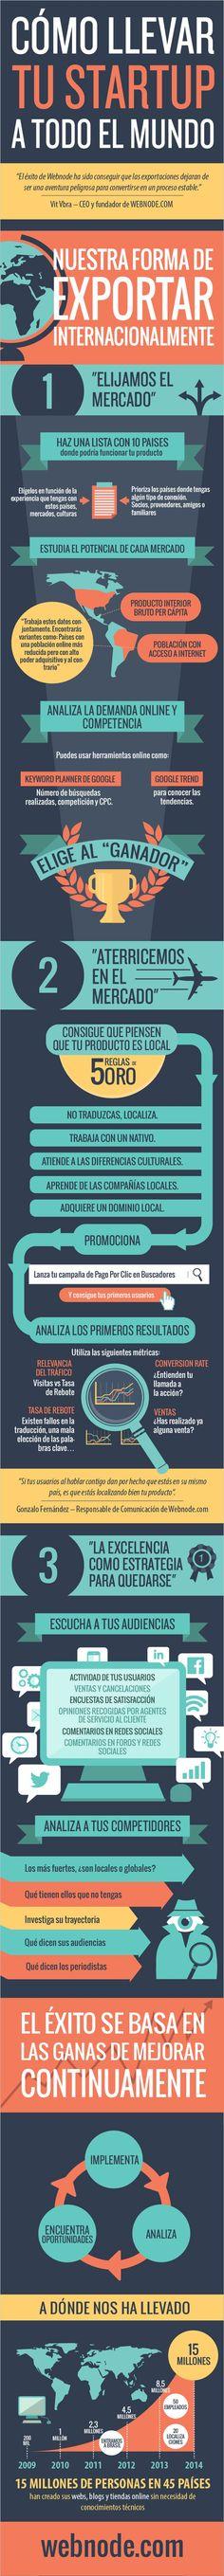 Webnode nos presenta esta infografía con las claves del éxito para llevar una startup a nuevos mercados. Un documento en español para emprendedores.